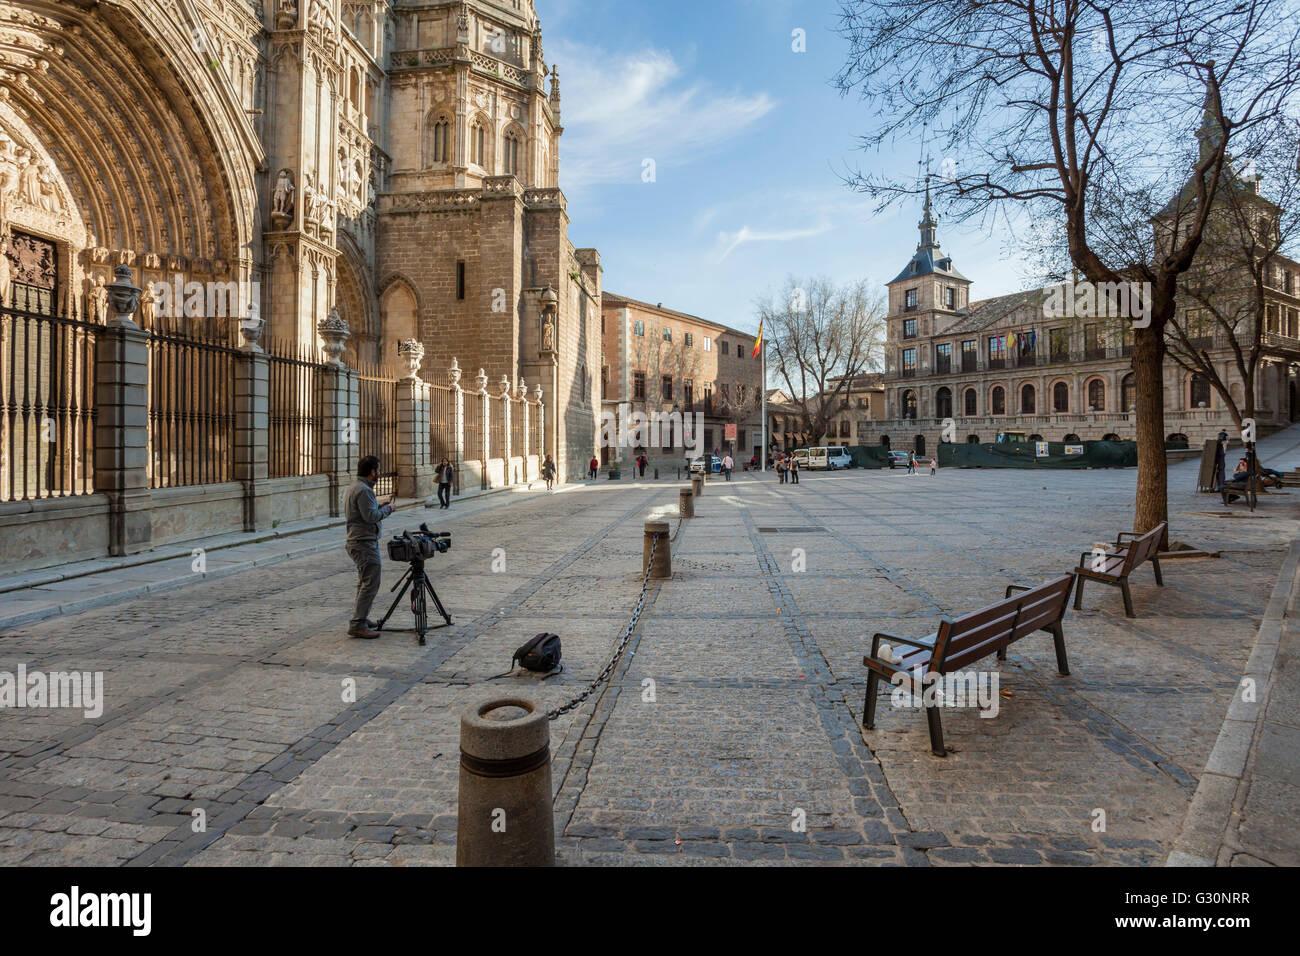 Los conciertos en la nueva normalidad - Página 3 Plaza-del-ayuntamiento-at-toledo-cathedral-spain-G30NRR